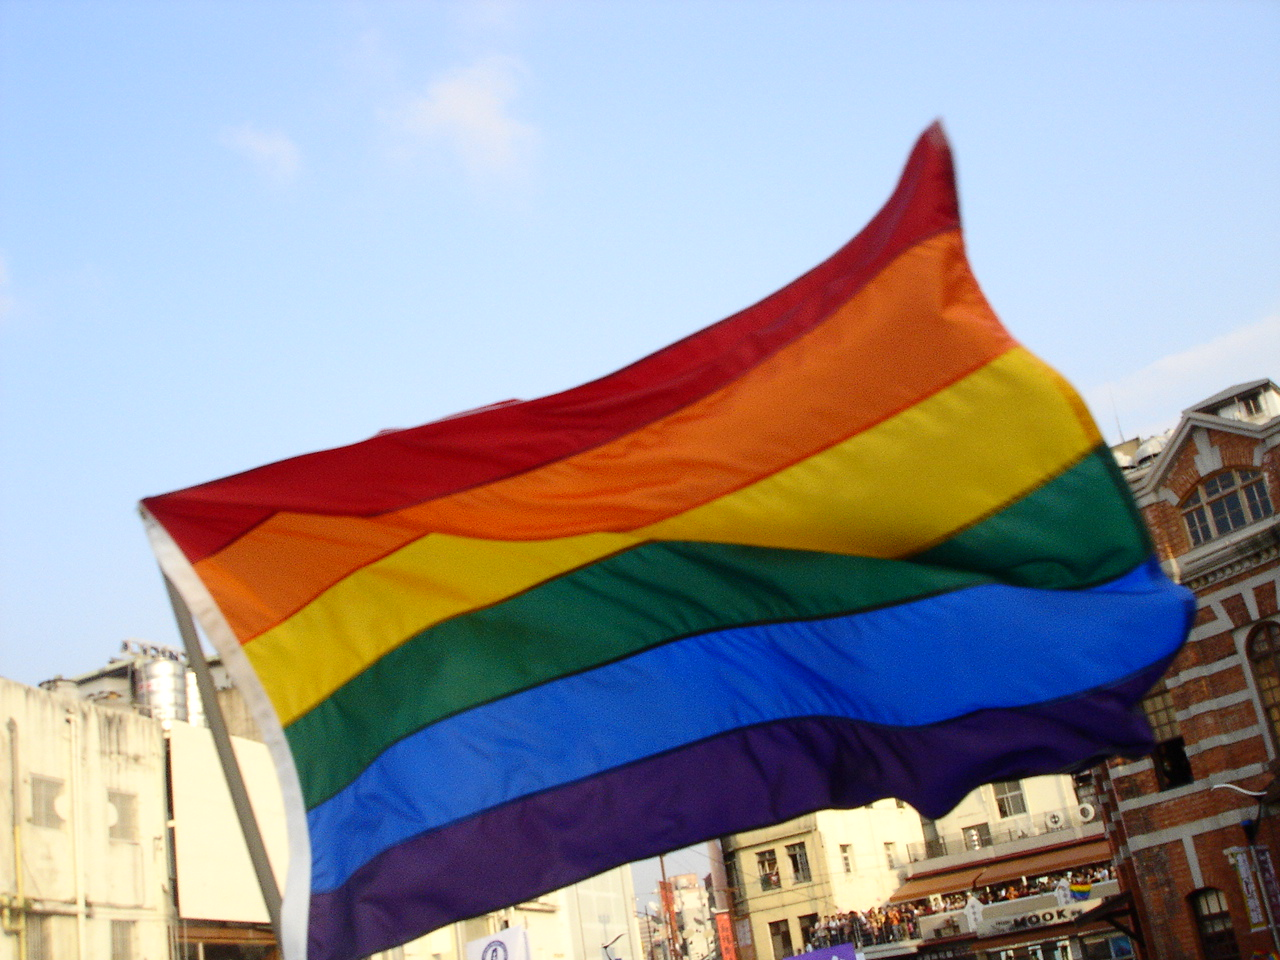 Euro Trybunał zmusi Polskę do uznania związków homoseksualnych. Włochy już ukarane